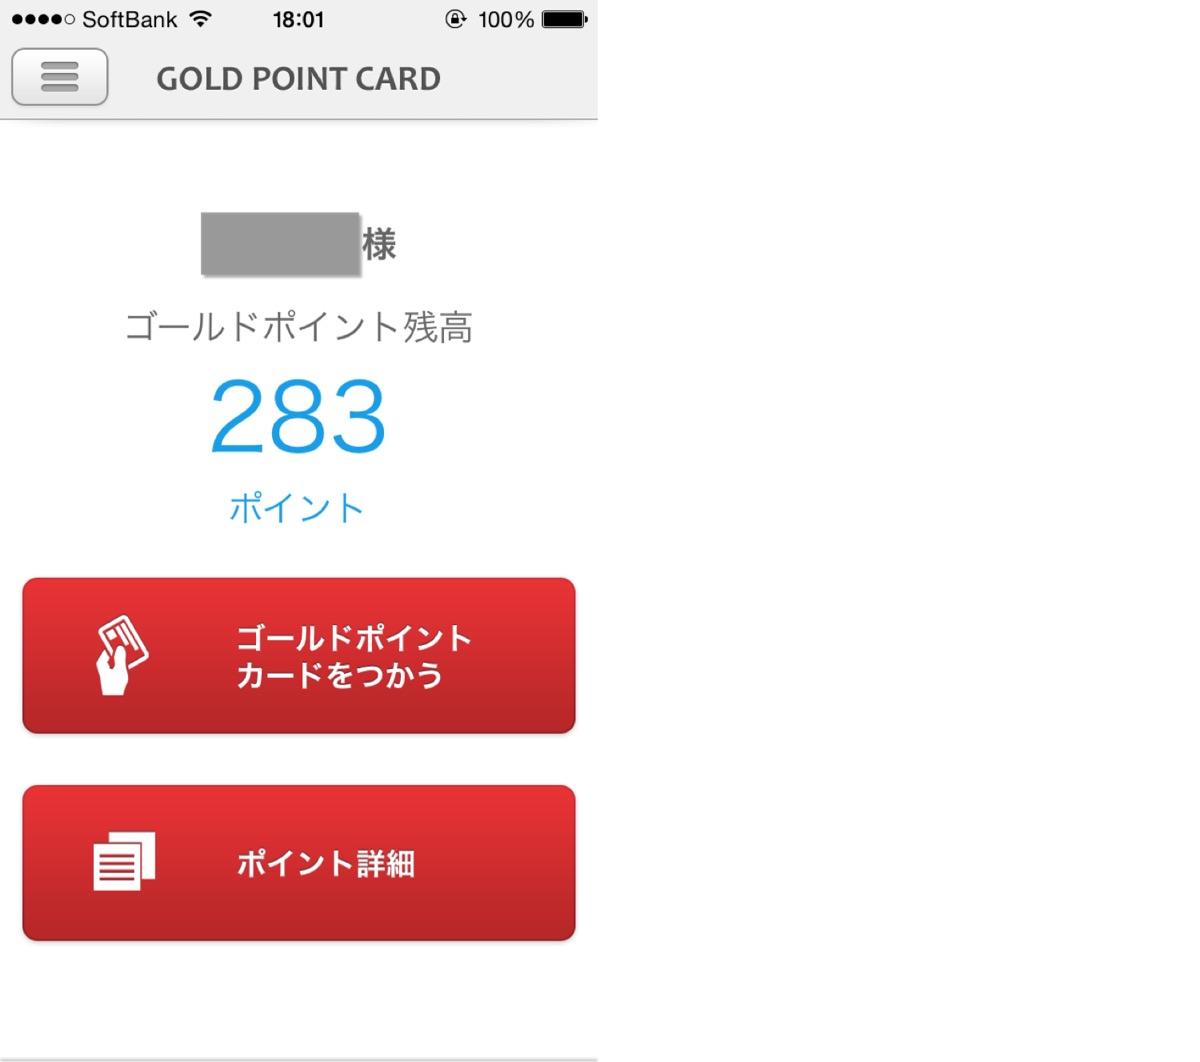 ヨドバシゴールドポイントカードアプリの使い方